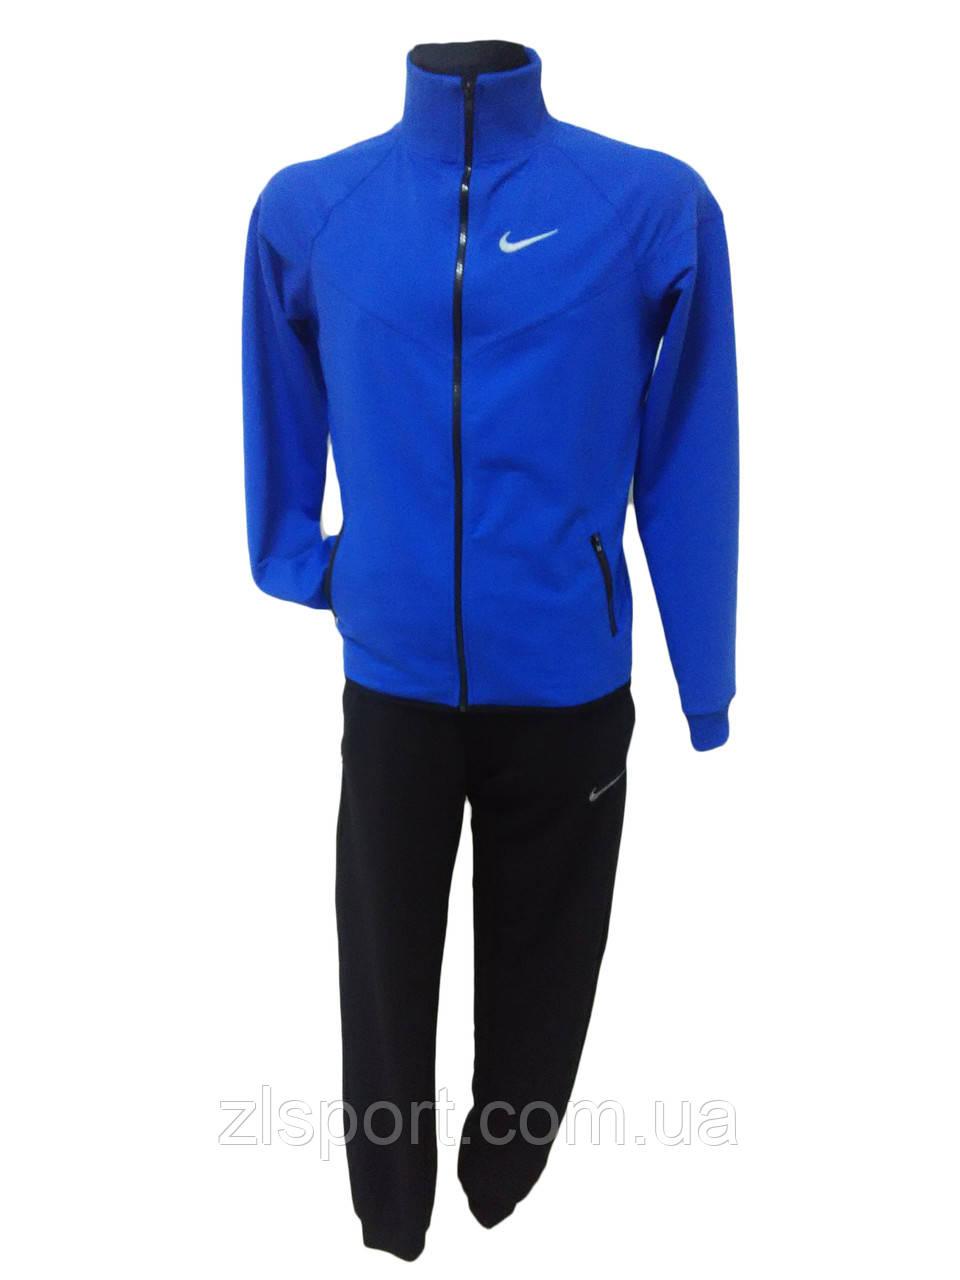 2f8e6f7523f7 Мужской спортивный костюм на замке без капюшона Nike - Интернет магазин  спортивной одежды